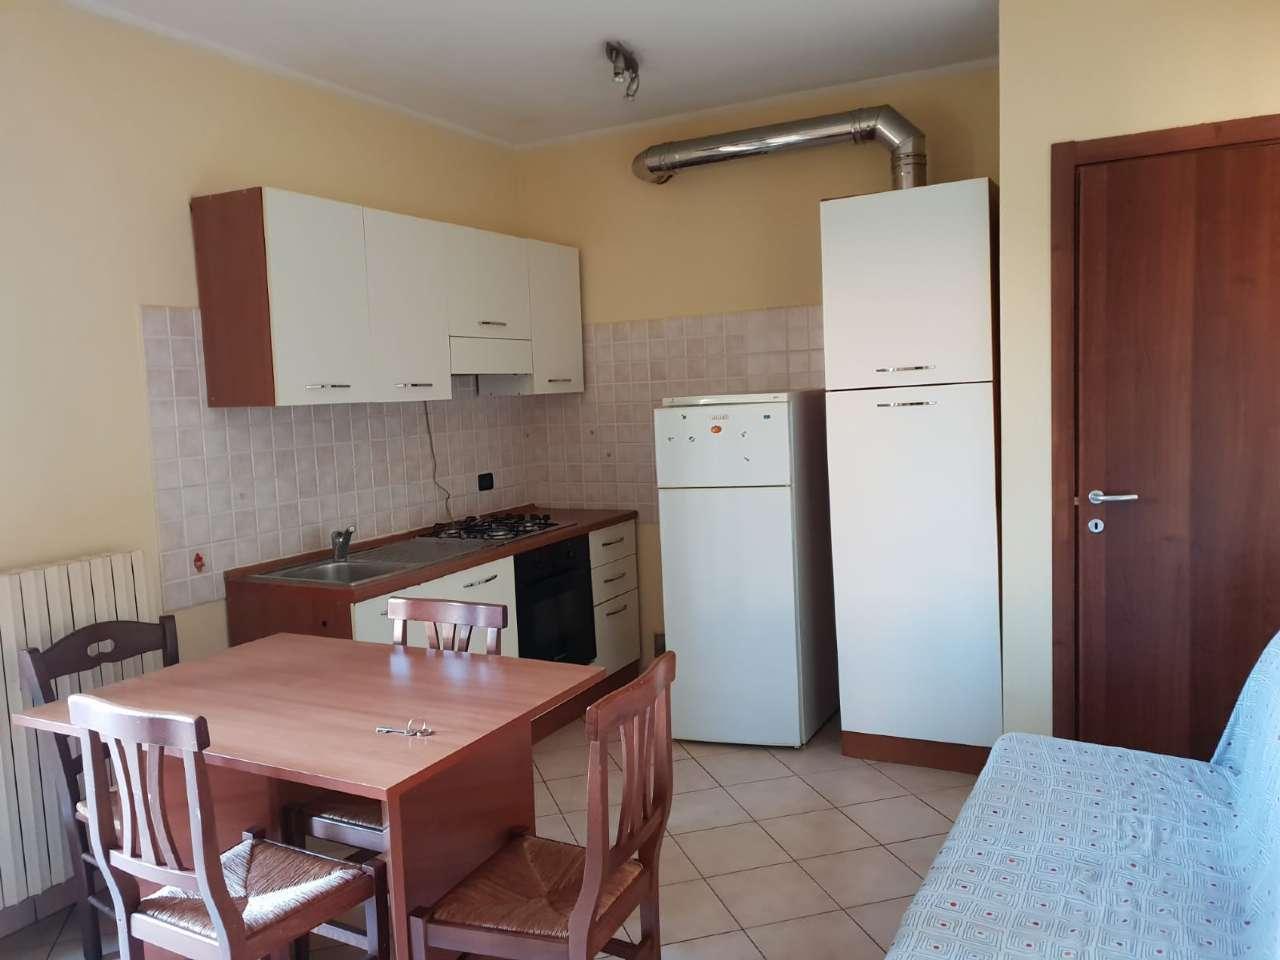 Appartamento in affitto a Viadana, 2 locali, prezzo € 350 | CambioCasa.it